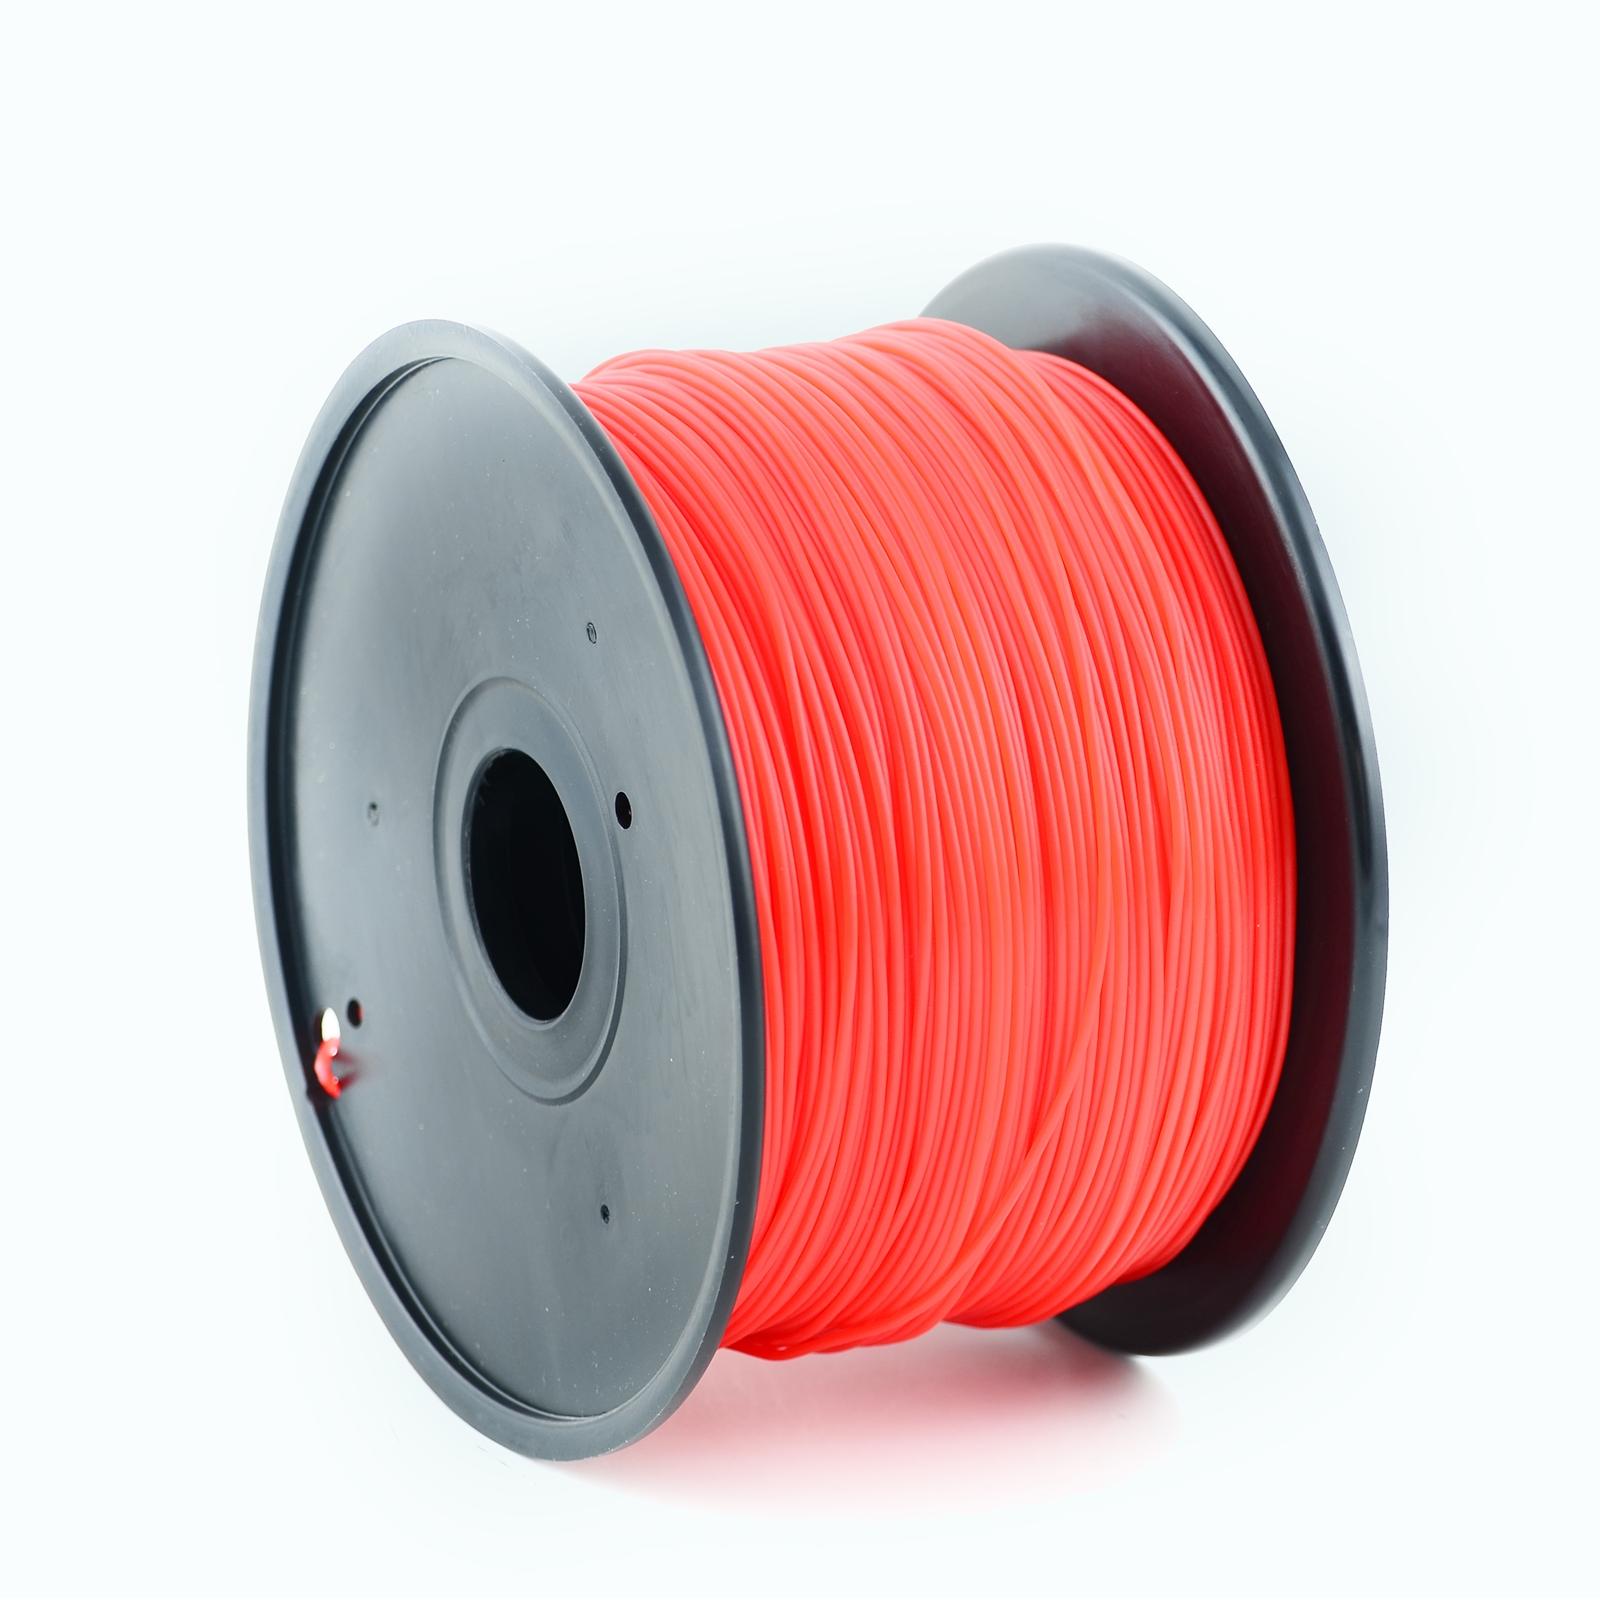 Gembird ABS Filament, Red, 1.75 mm, 0.6 kg